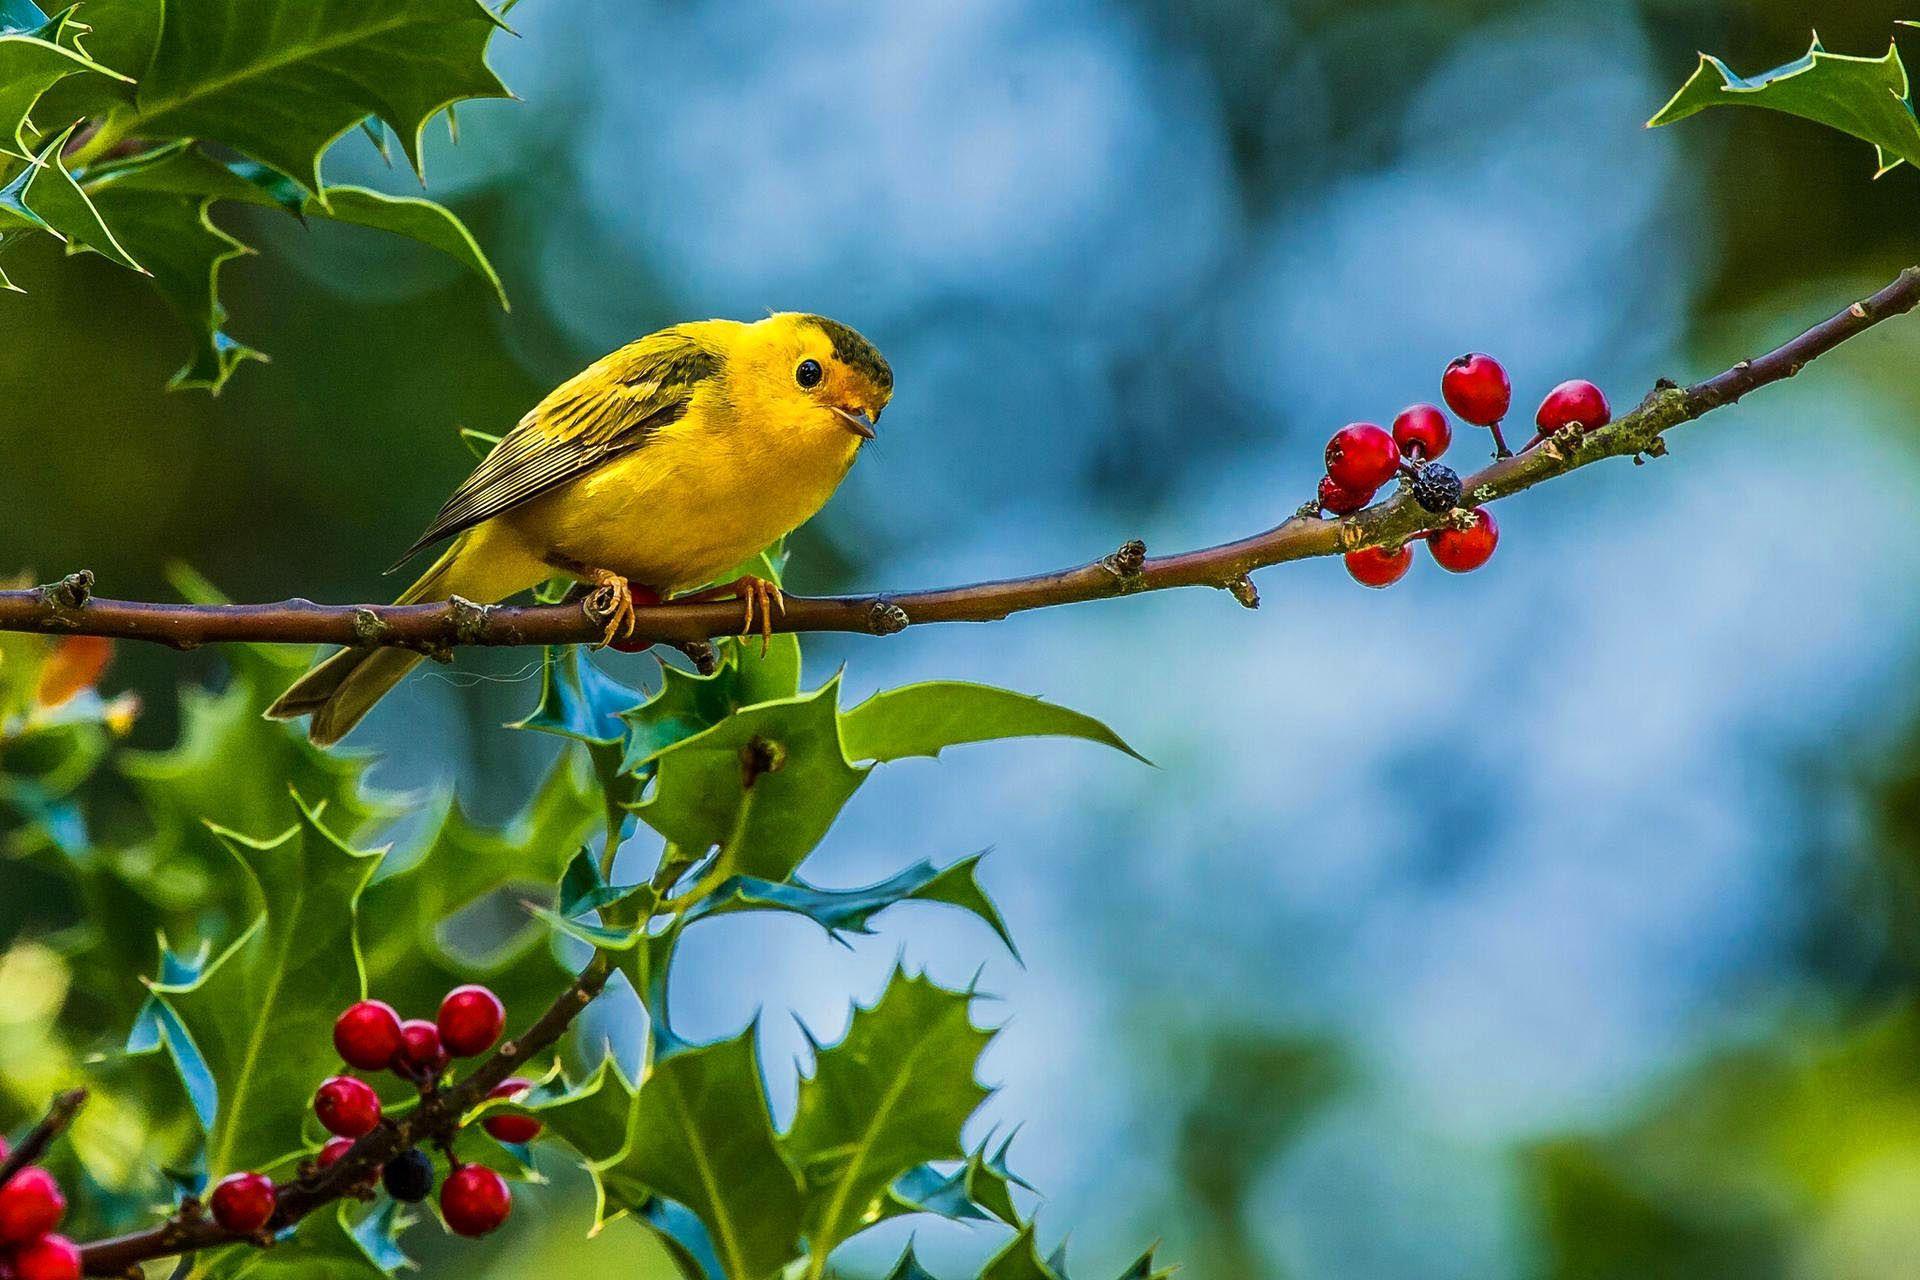 Arbre – Branche – Feuilles – Fruit rouge – Jaune – Oiseau